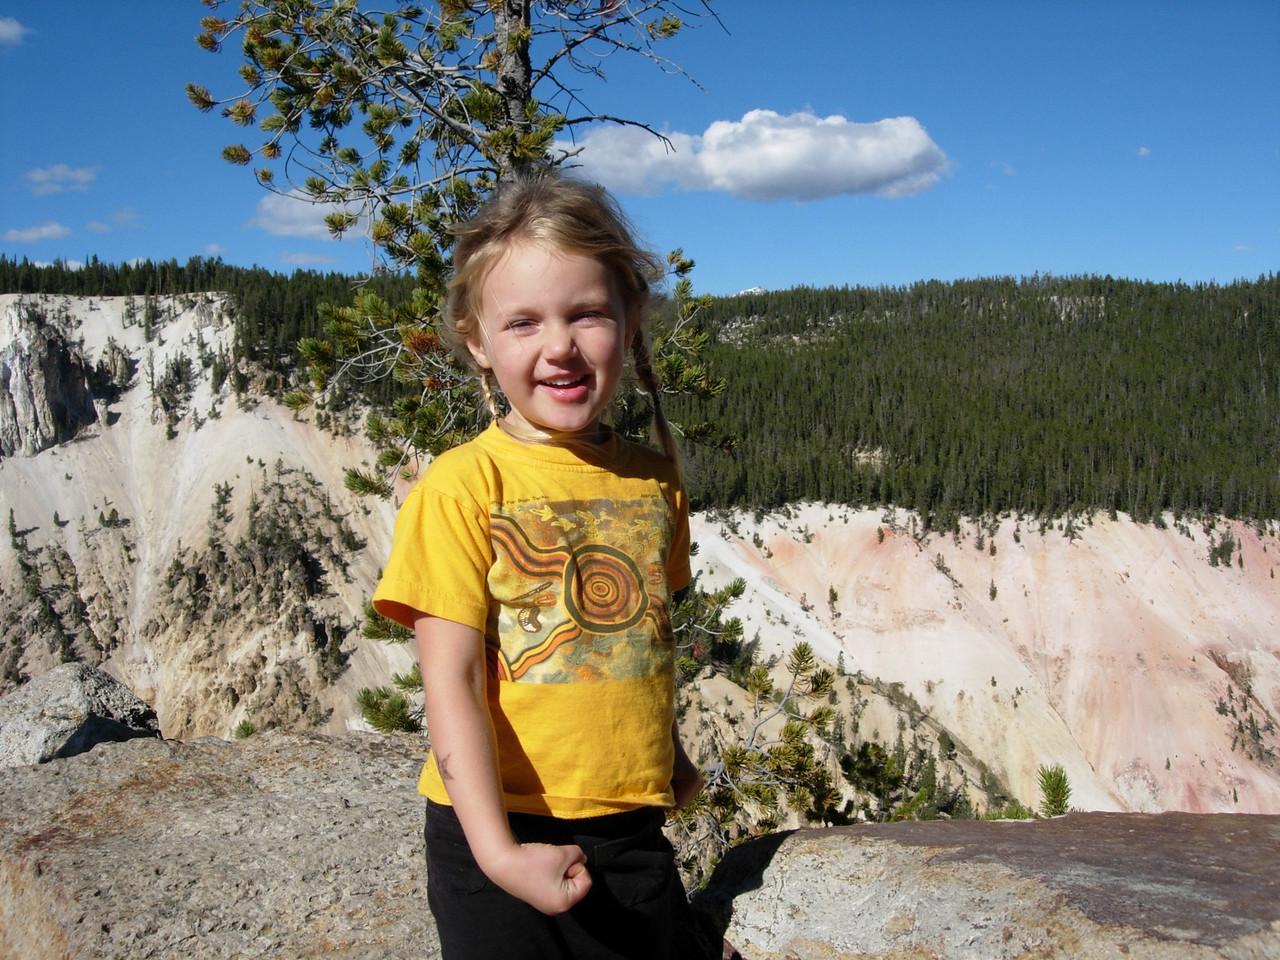 Grand Canyon of YellowstoneYellowstone National Park